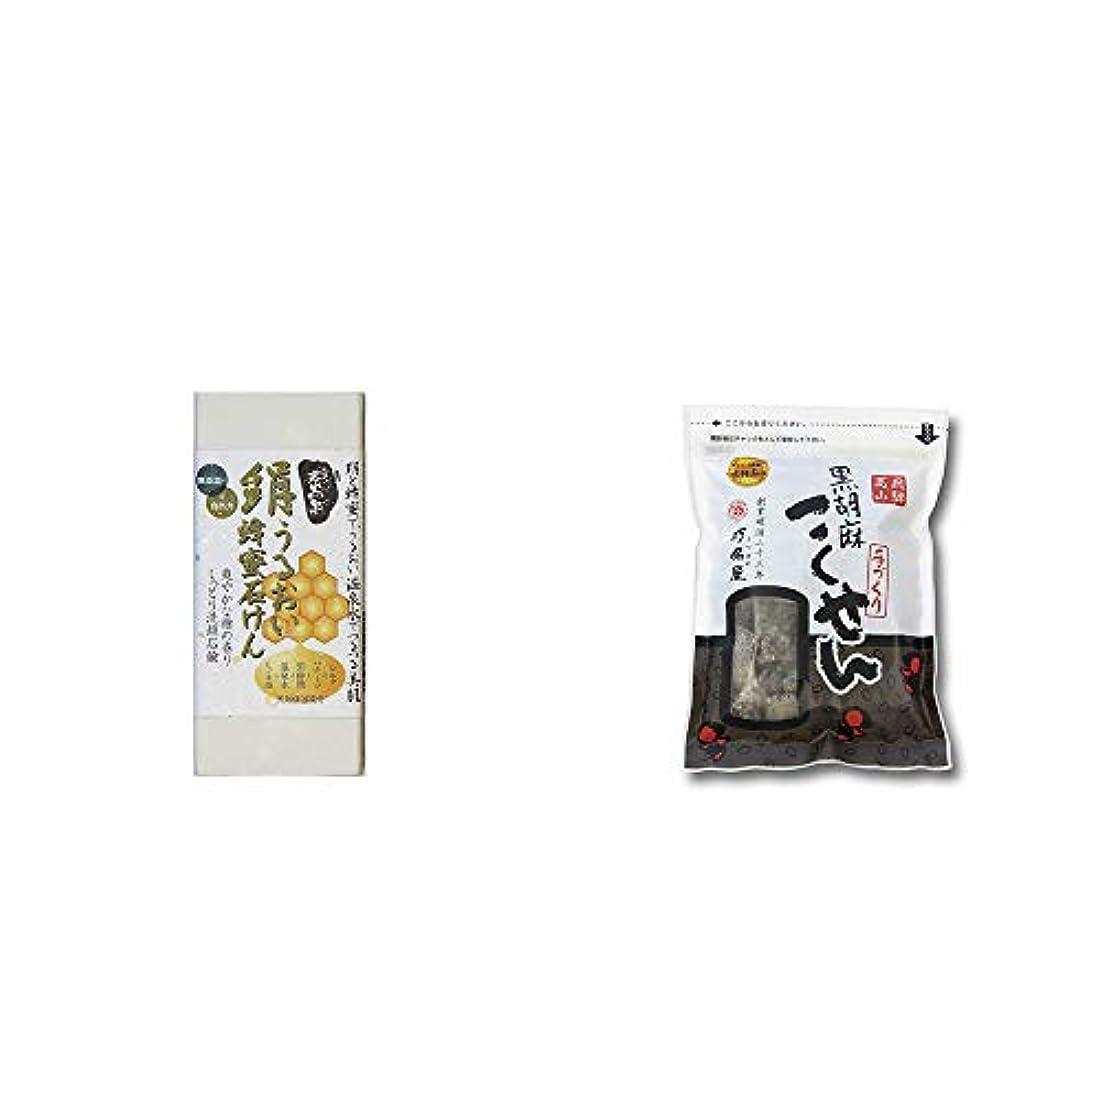 [2点セット] ひのき炭黒泉 絹うるおい蜂蜜石けん(75g×2)?飛騨 打保屋 駄菓子 げんこつきなこ(250g)